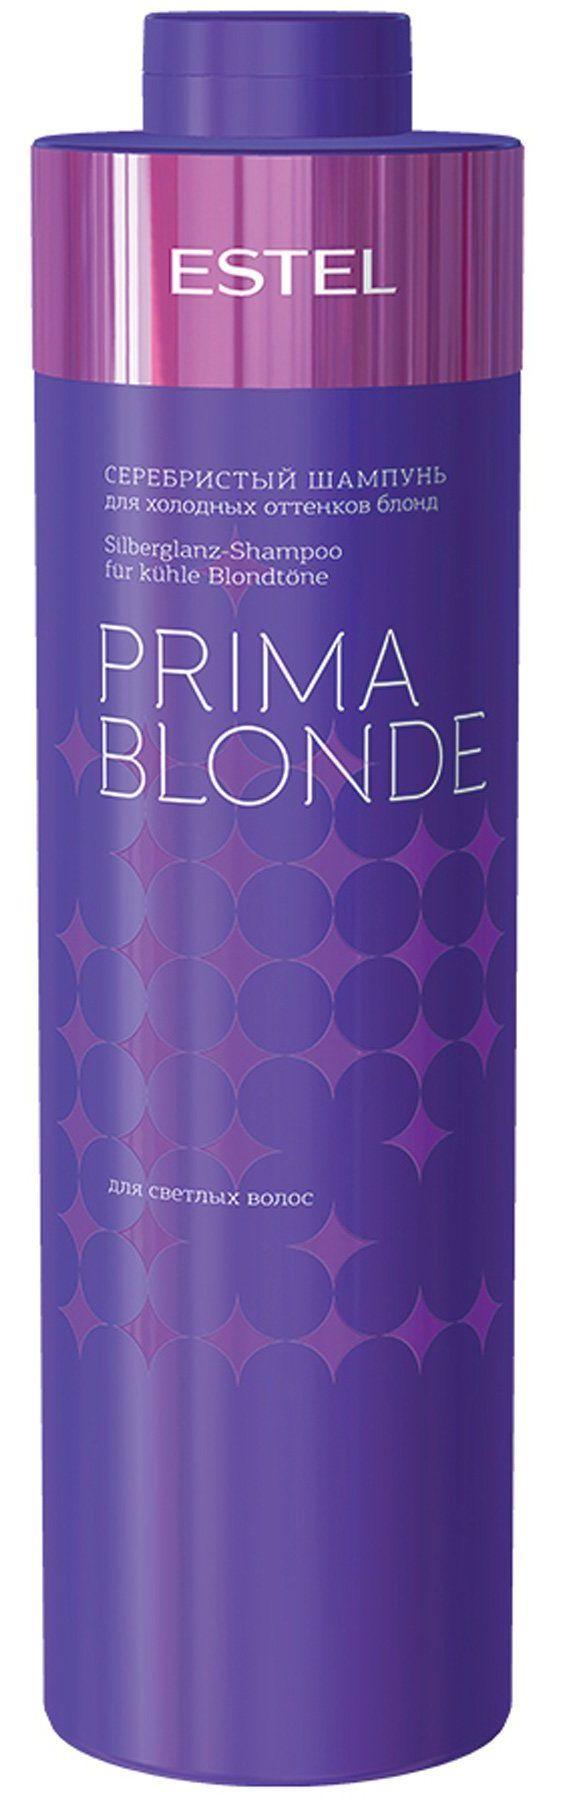 Купить ESTEL PROFESSIONAL Шампунь серебристый для волос / OTIUM Prima Blond 1000 мл